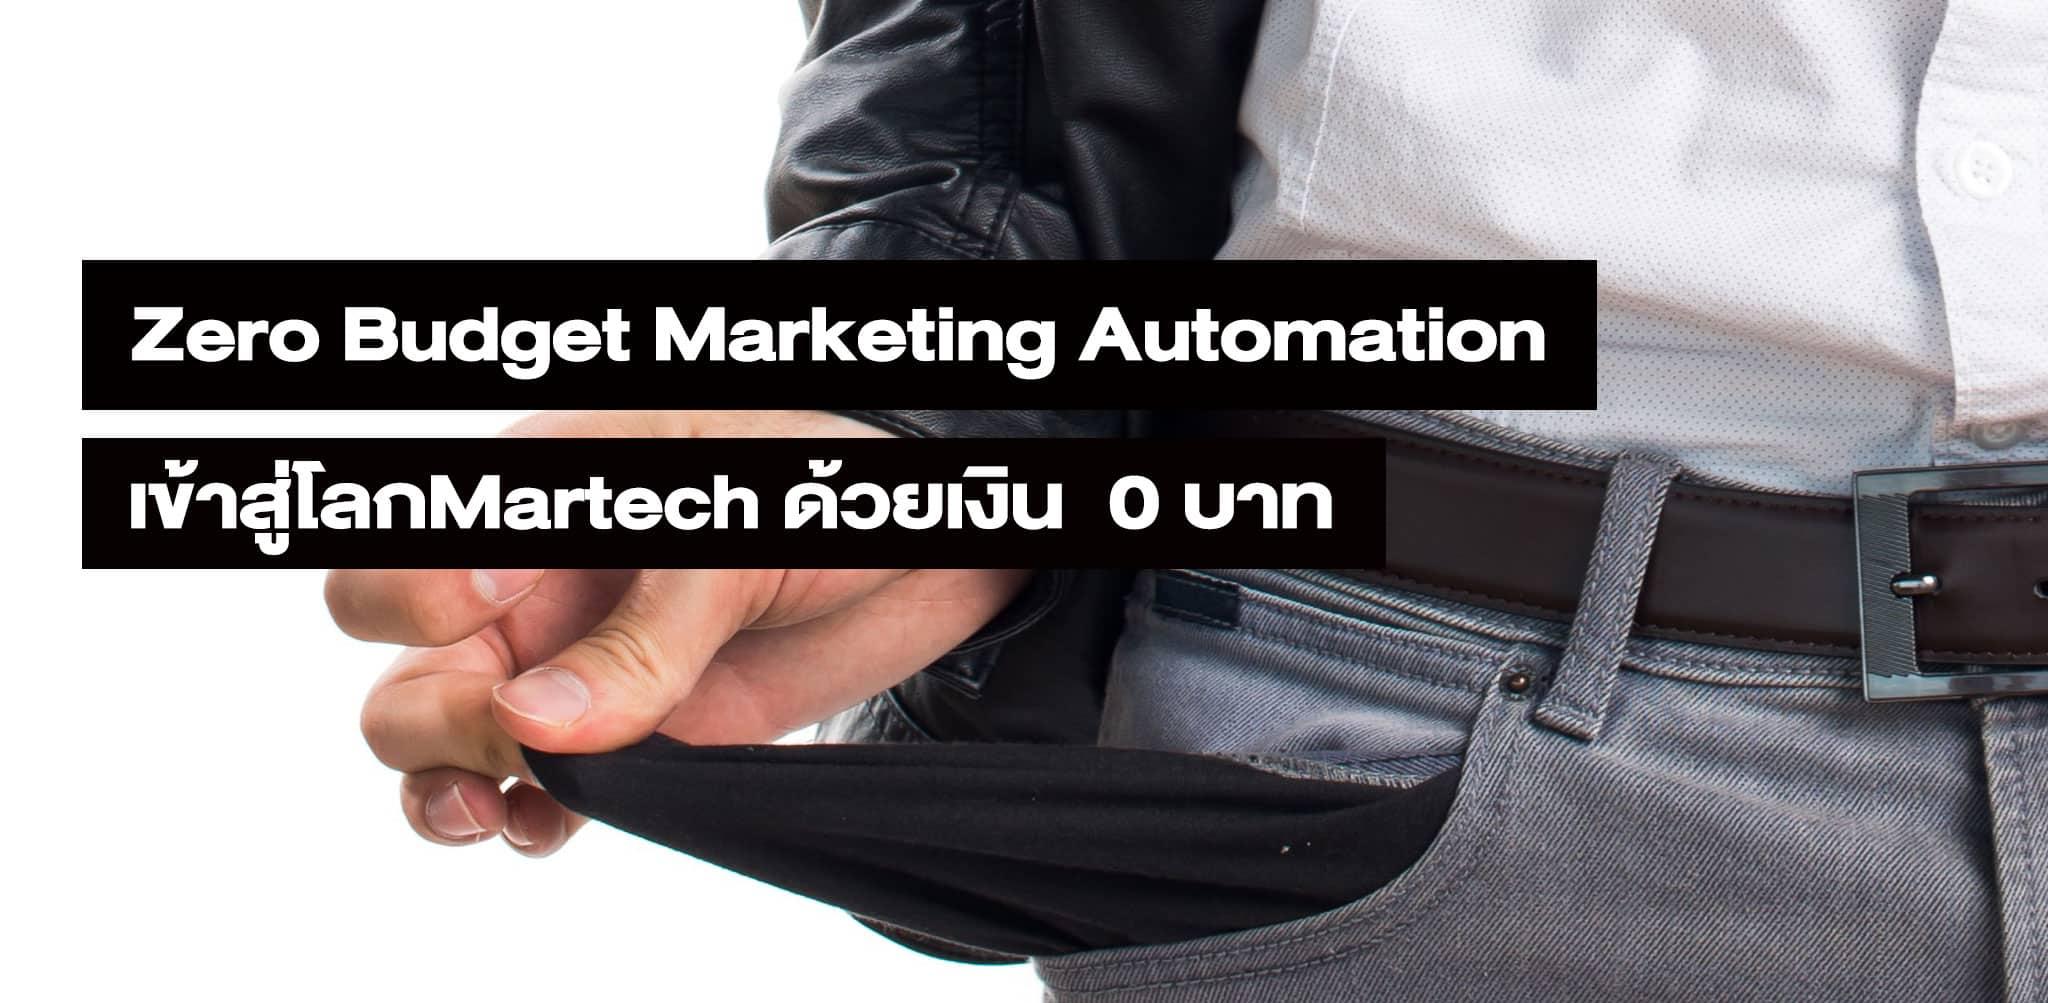 มีเงิน 0 บาท ใช้ Martech ได้ไหม : Zero Budget Marketing Automation